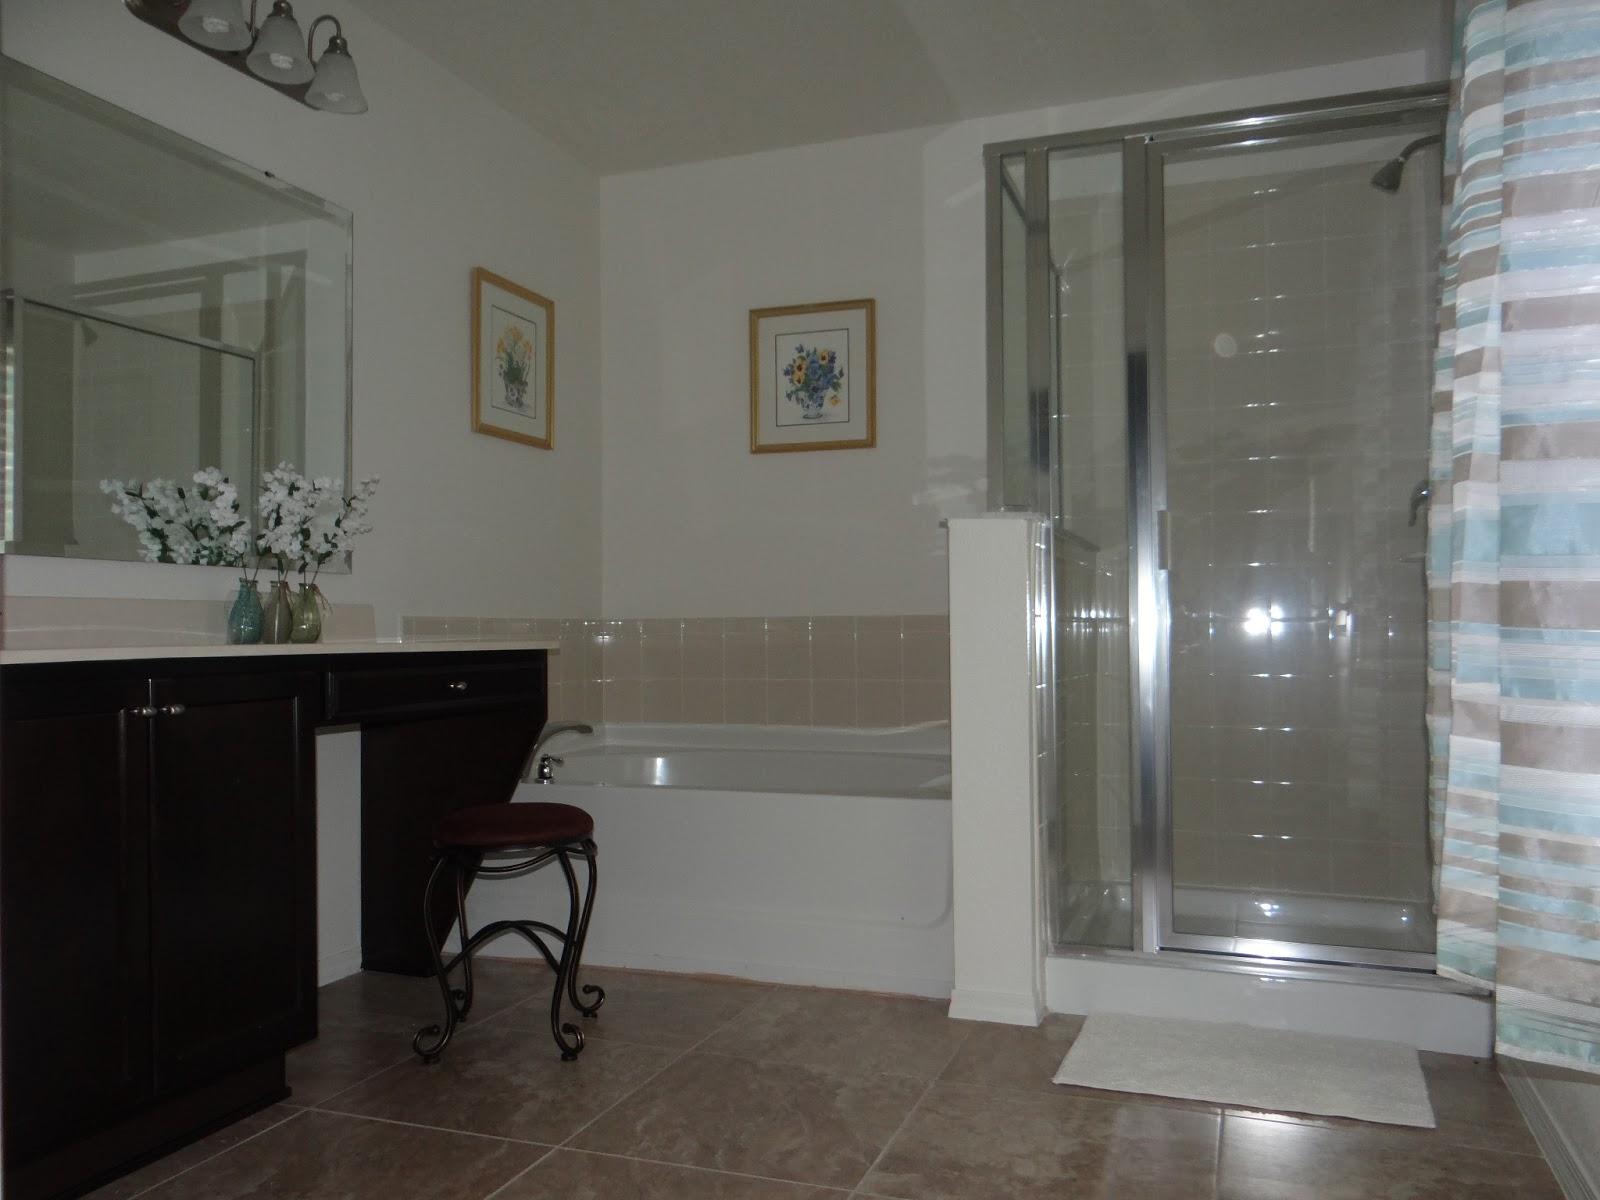 Disney Fácil e Barato: mordomia casas #536978 1600x1200 Banheiro Cadeirante Chuveiro